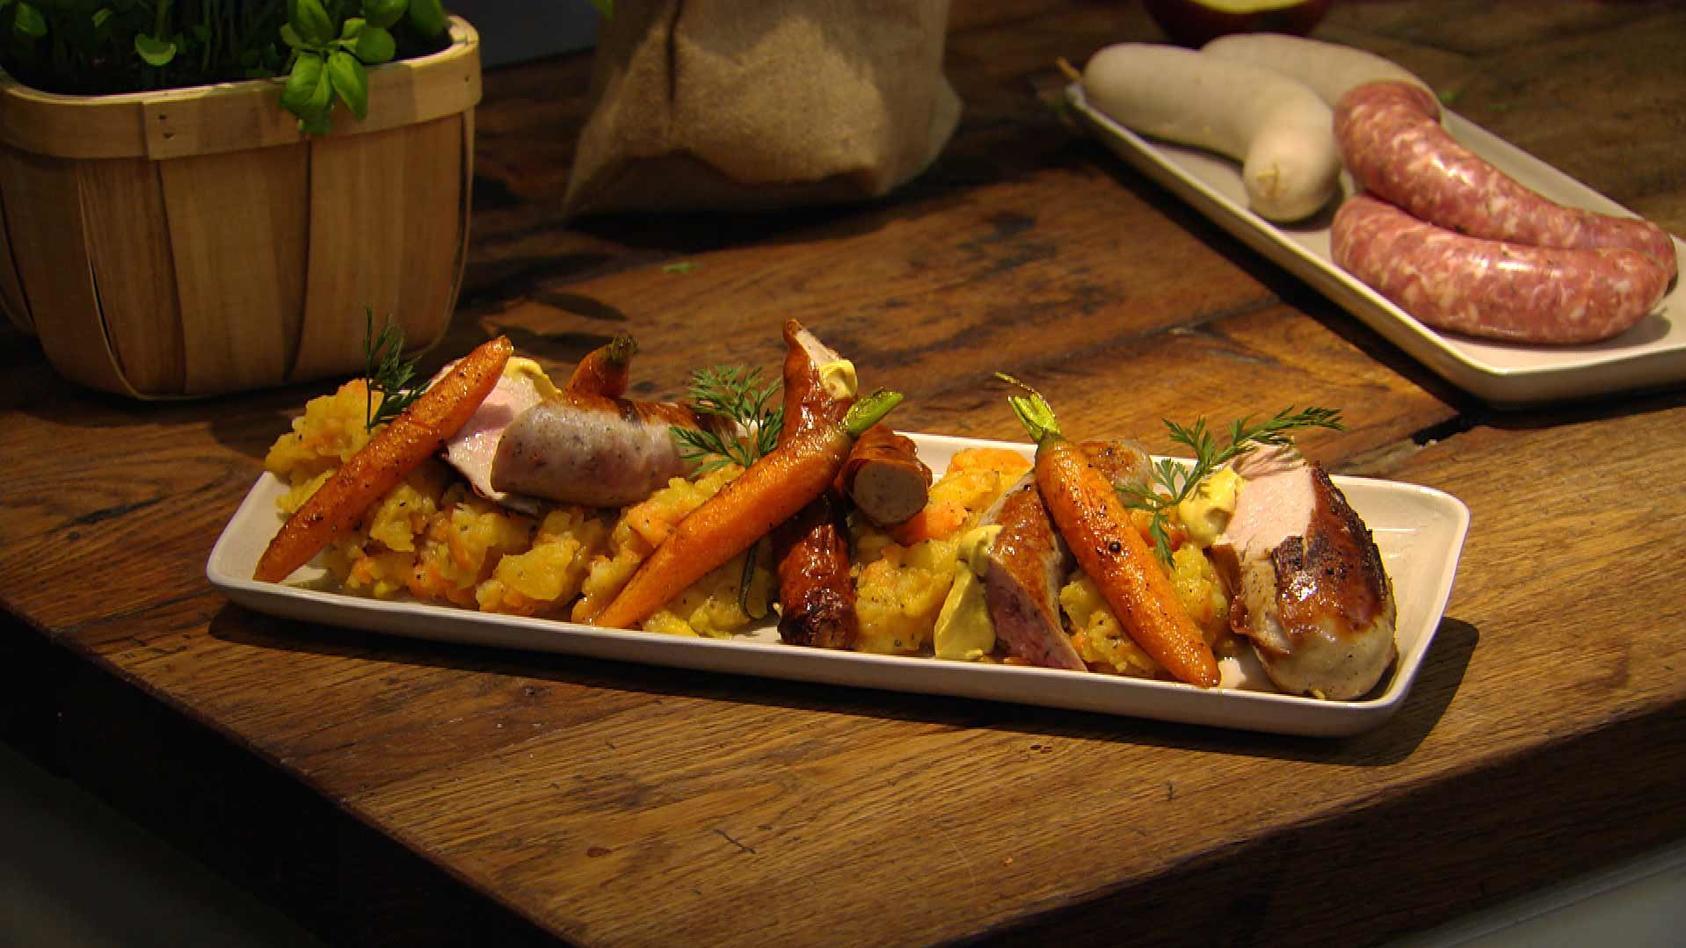 Jetzt geht's um die Wurst!: Bratwurst mit Steckrübenpüree